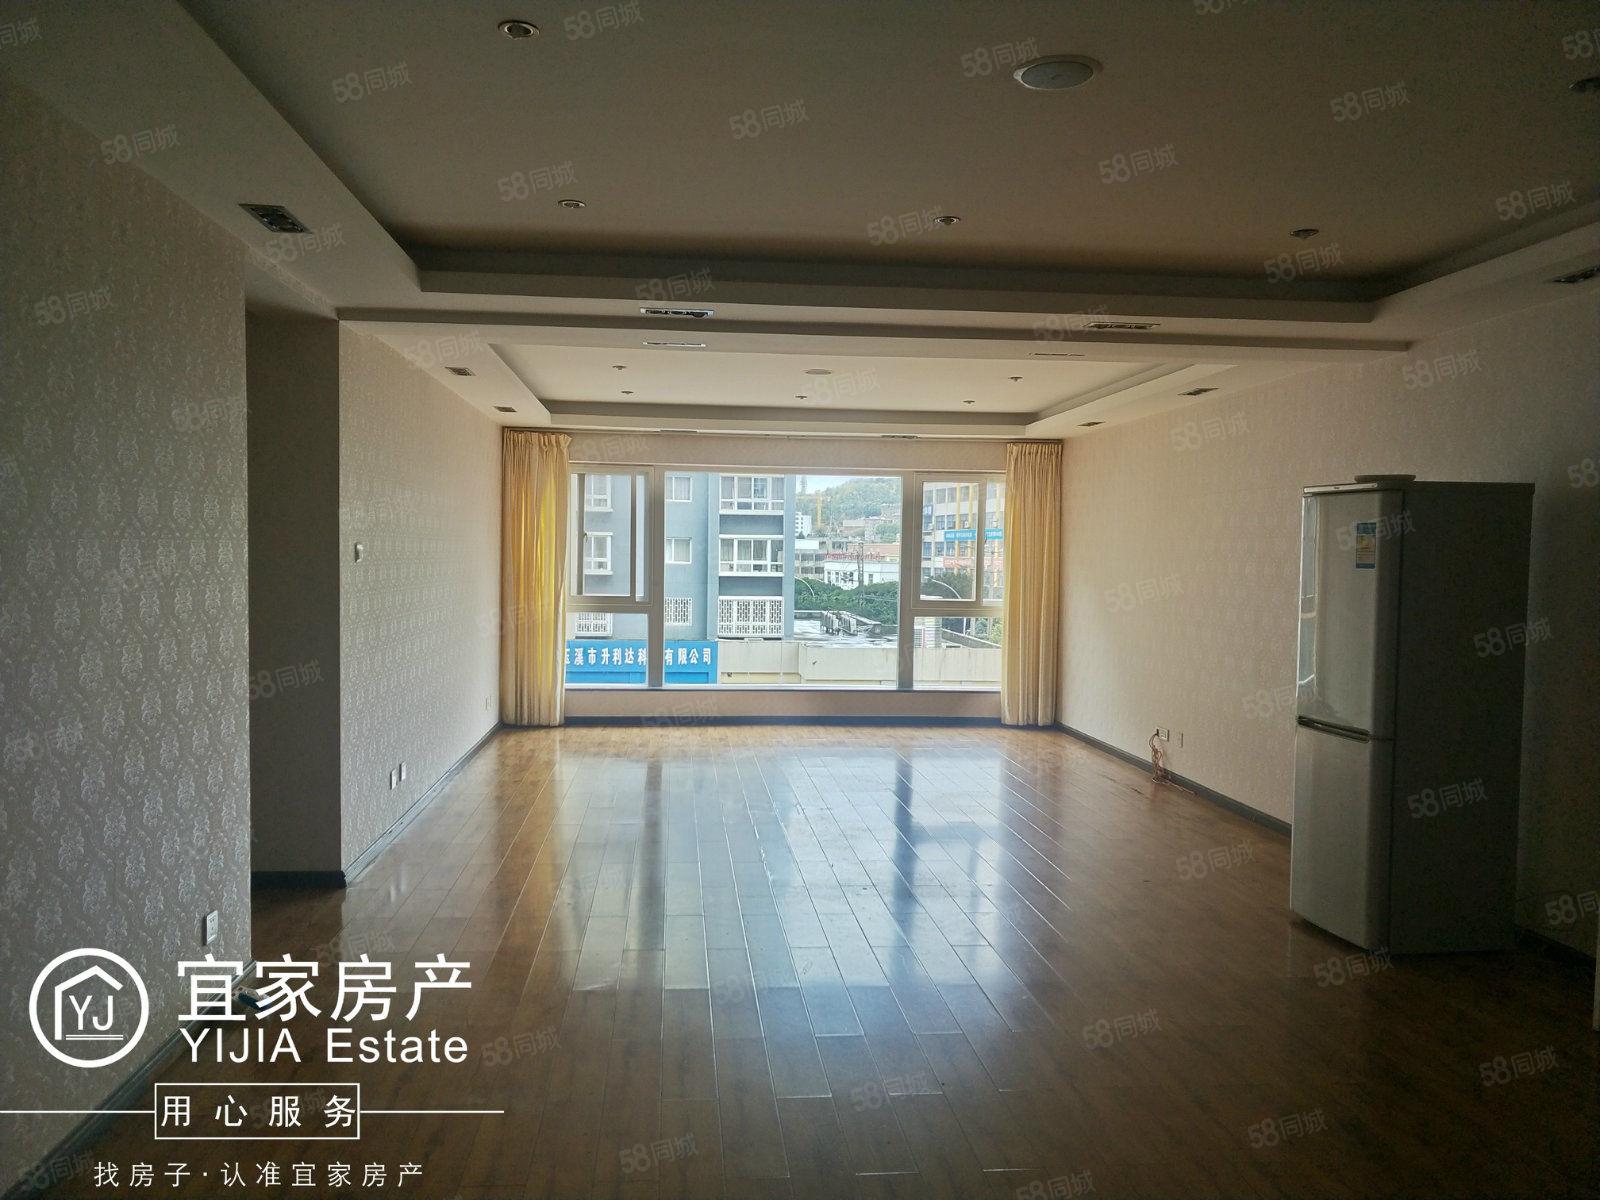 时代广场、4室2厅1厨2卫、精装修、带部分家具澳门金沙平台,可以办公